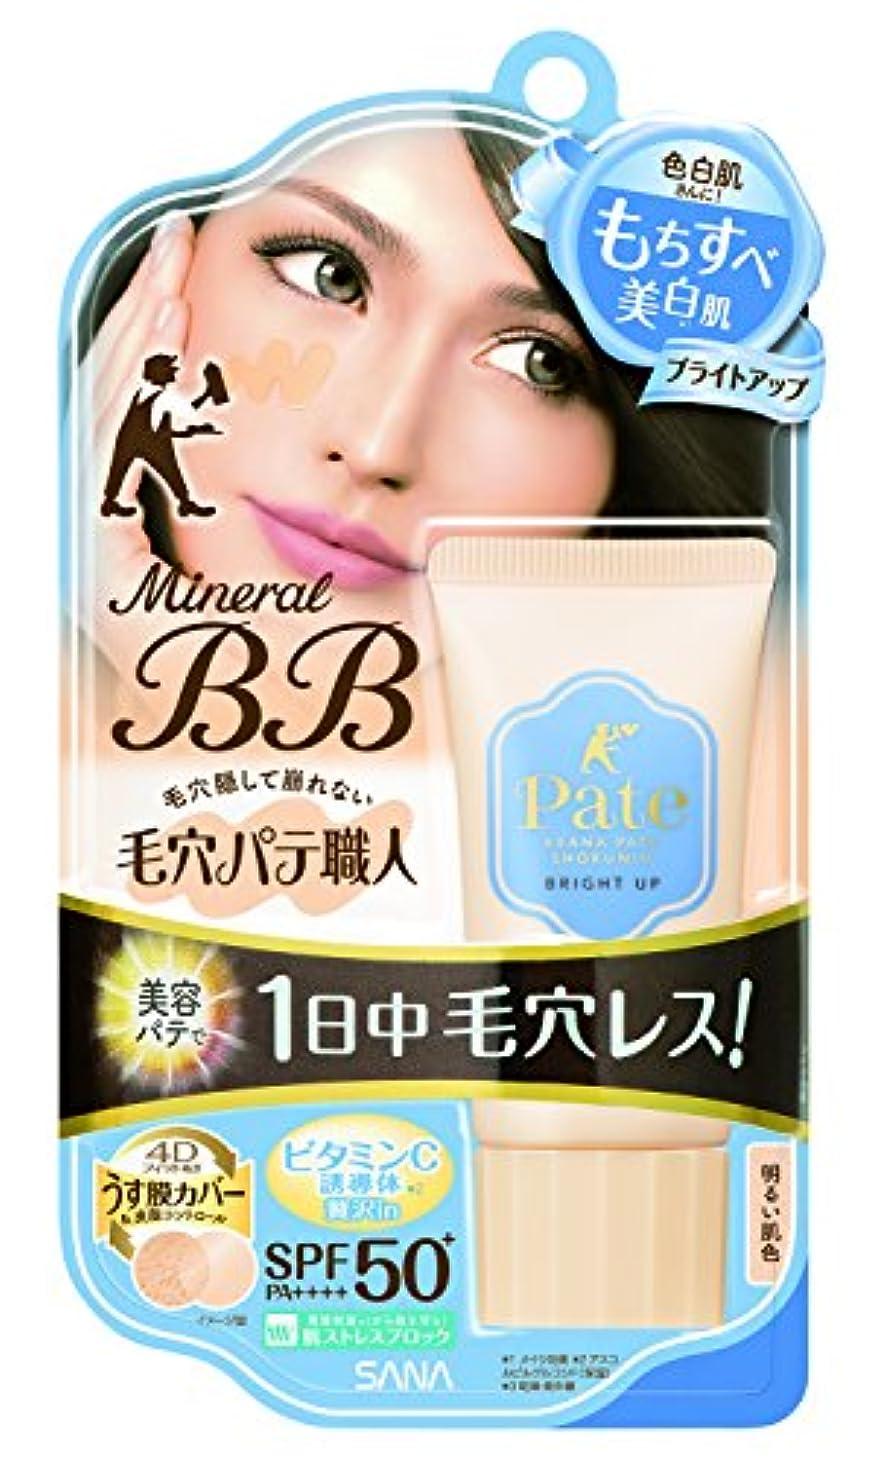 ロデオ怠感書誌毛穴パテ職人 ミネラルBBクリーム ブライトアップ 明るい肌色 30g